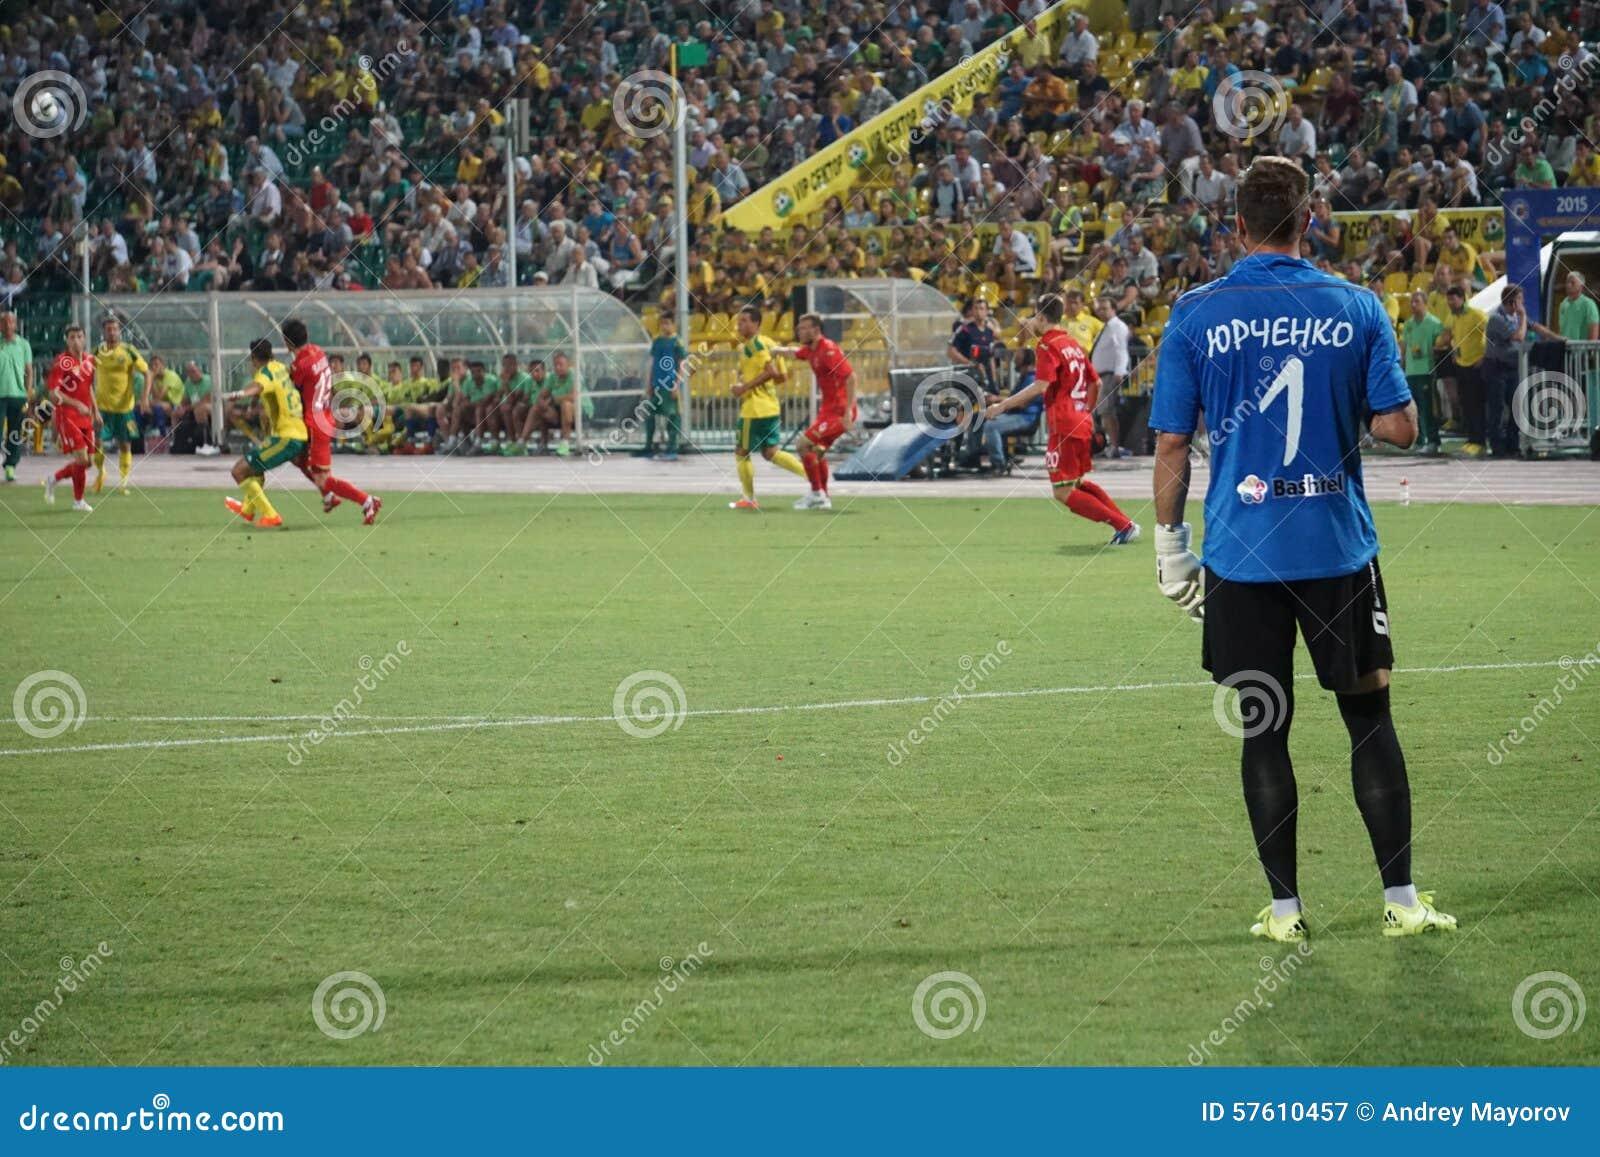 Gardien De But FC Oufa David Yurchenko Observant Le Jeu Photographie ... 65a2dffa959